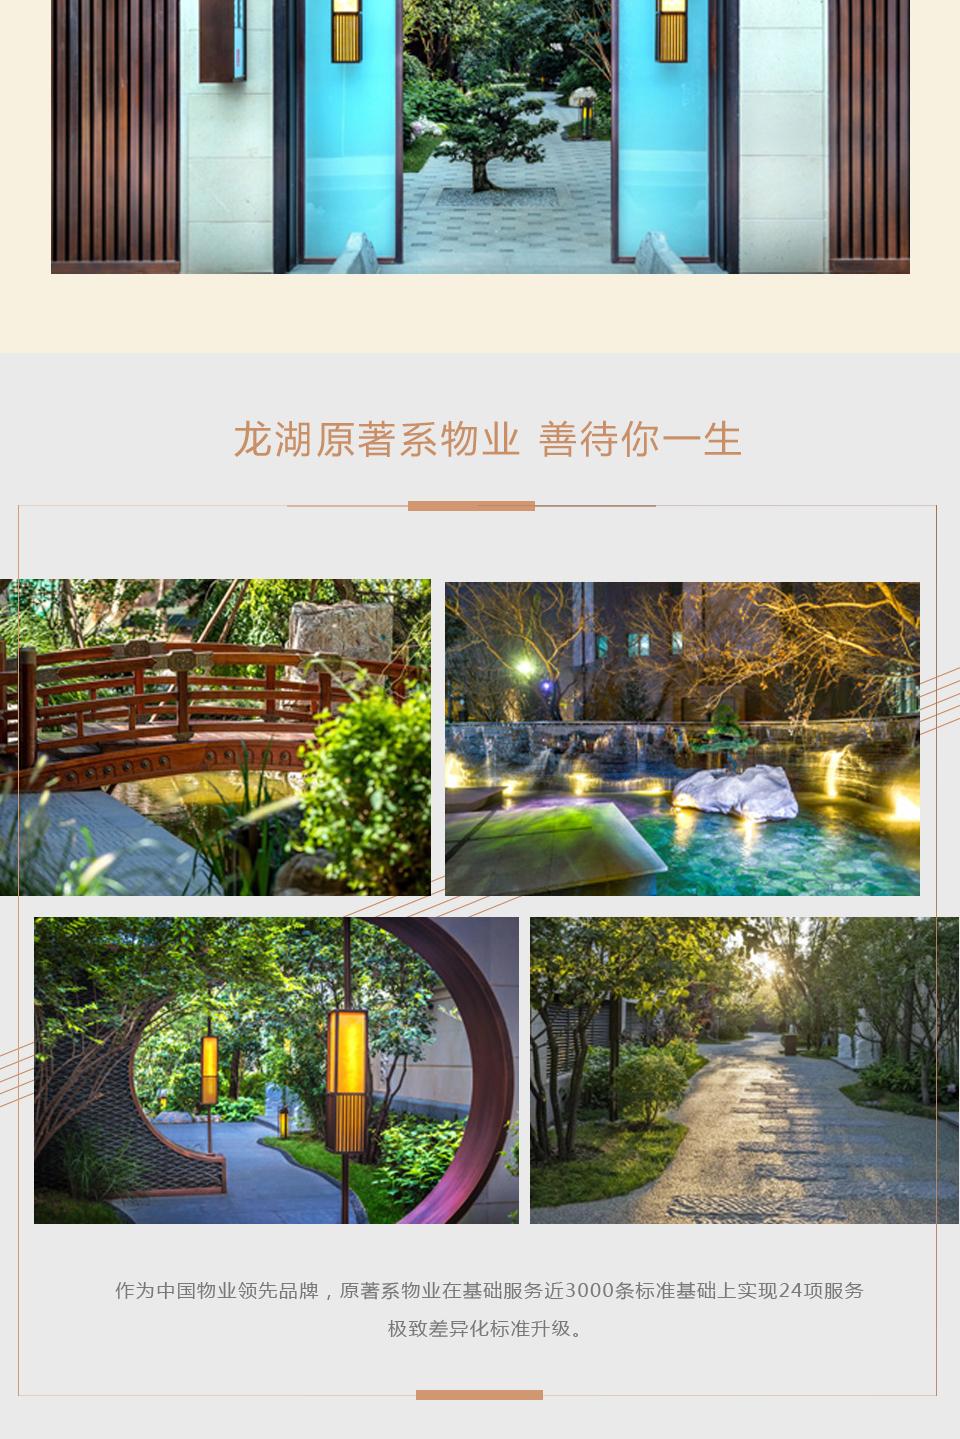 龍湖景粼原著:著立孫河 精工雕琢宜居之宅5